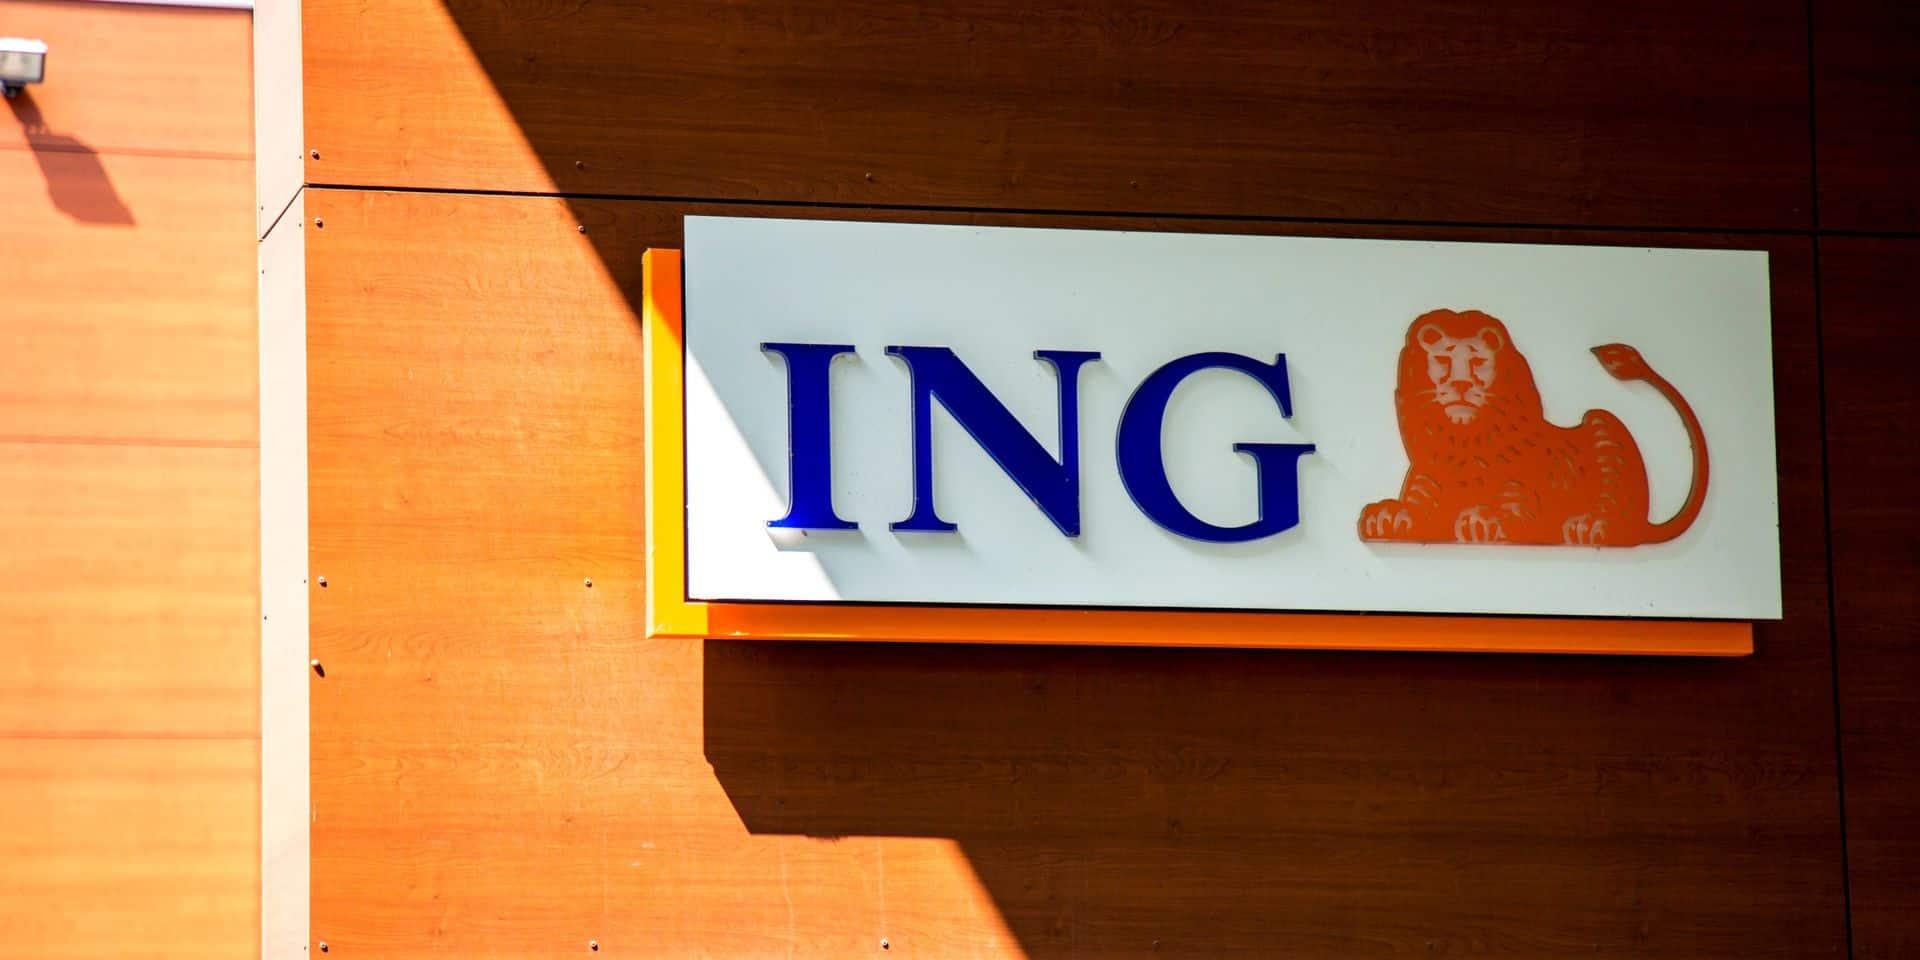 L'agence ING d'Hornu va fermer ses portes